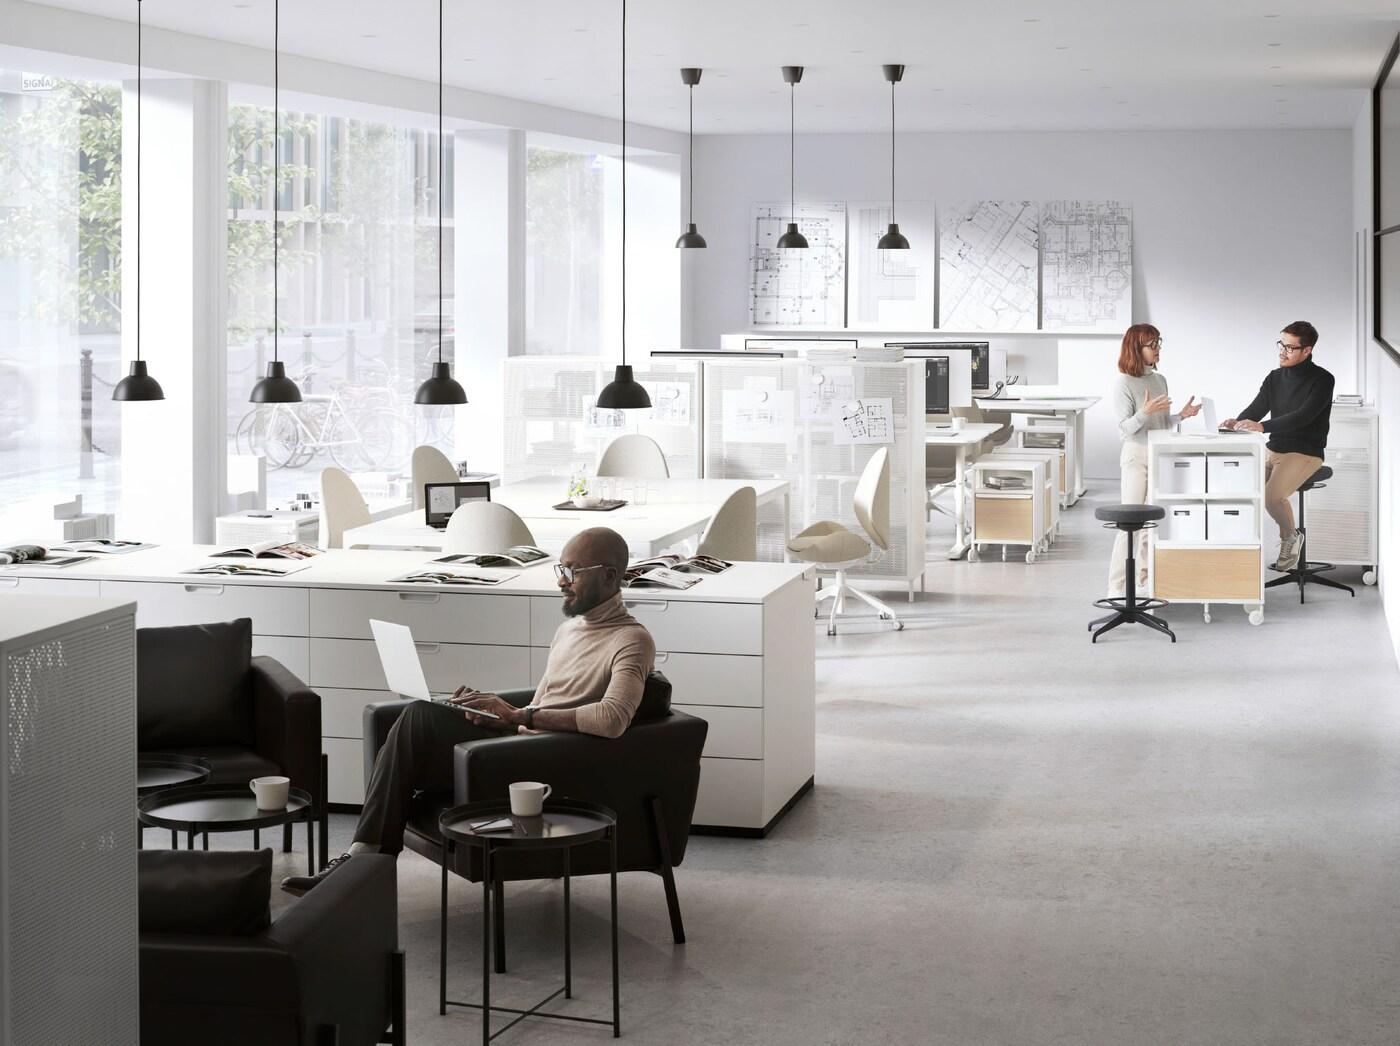 Офис с открытой планировкой и двумя зонами отдыха. Вкресле КОАРП сидит мужчина с ноутбуком, а за стеллажом БЕКАНТ беседуют еще два человека.